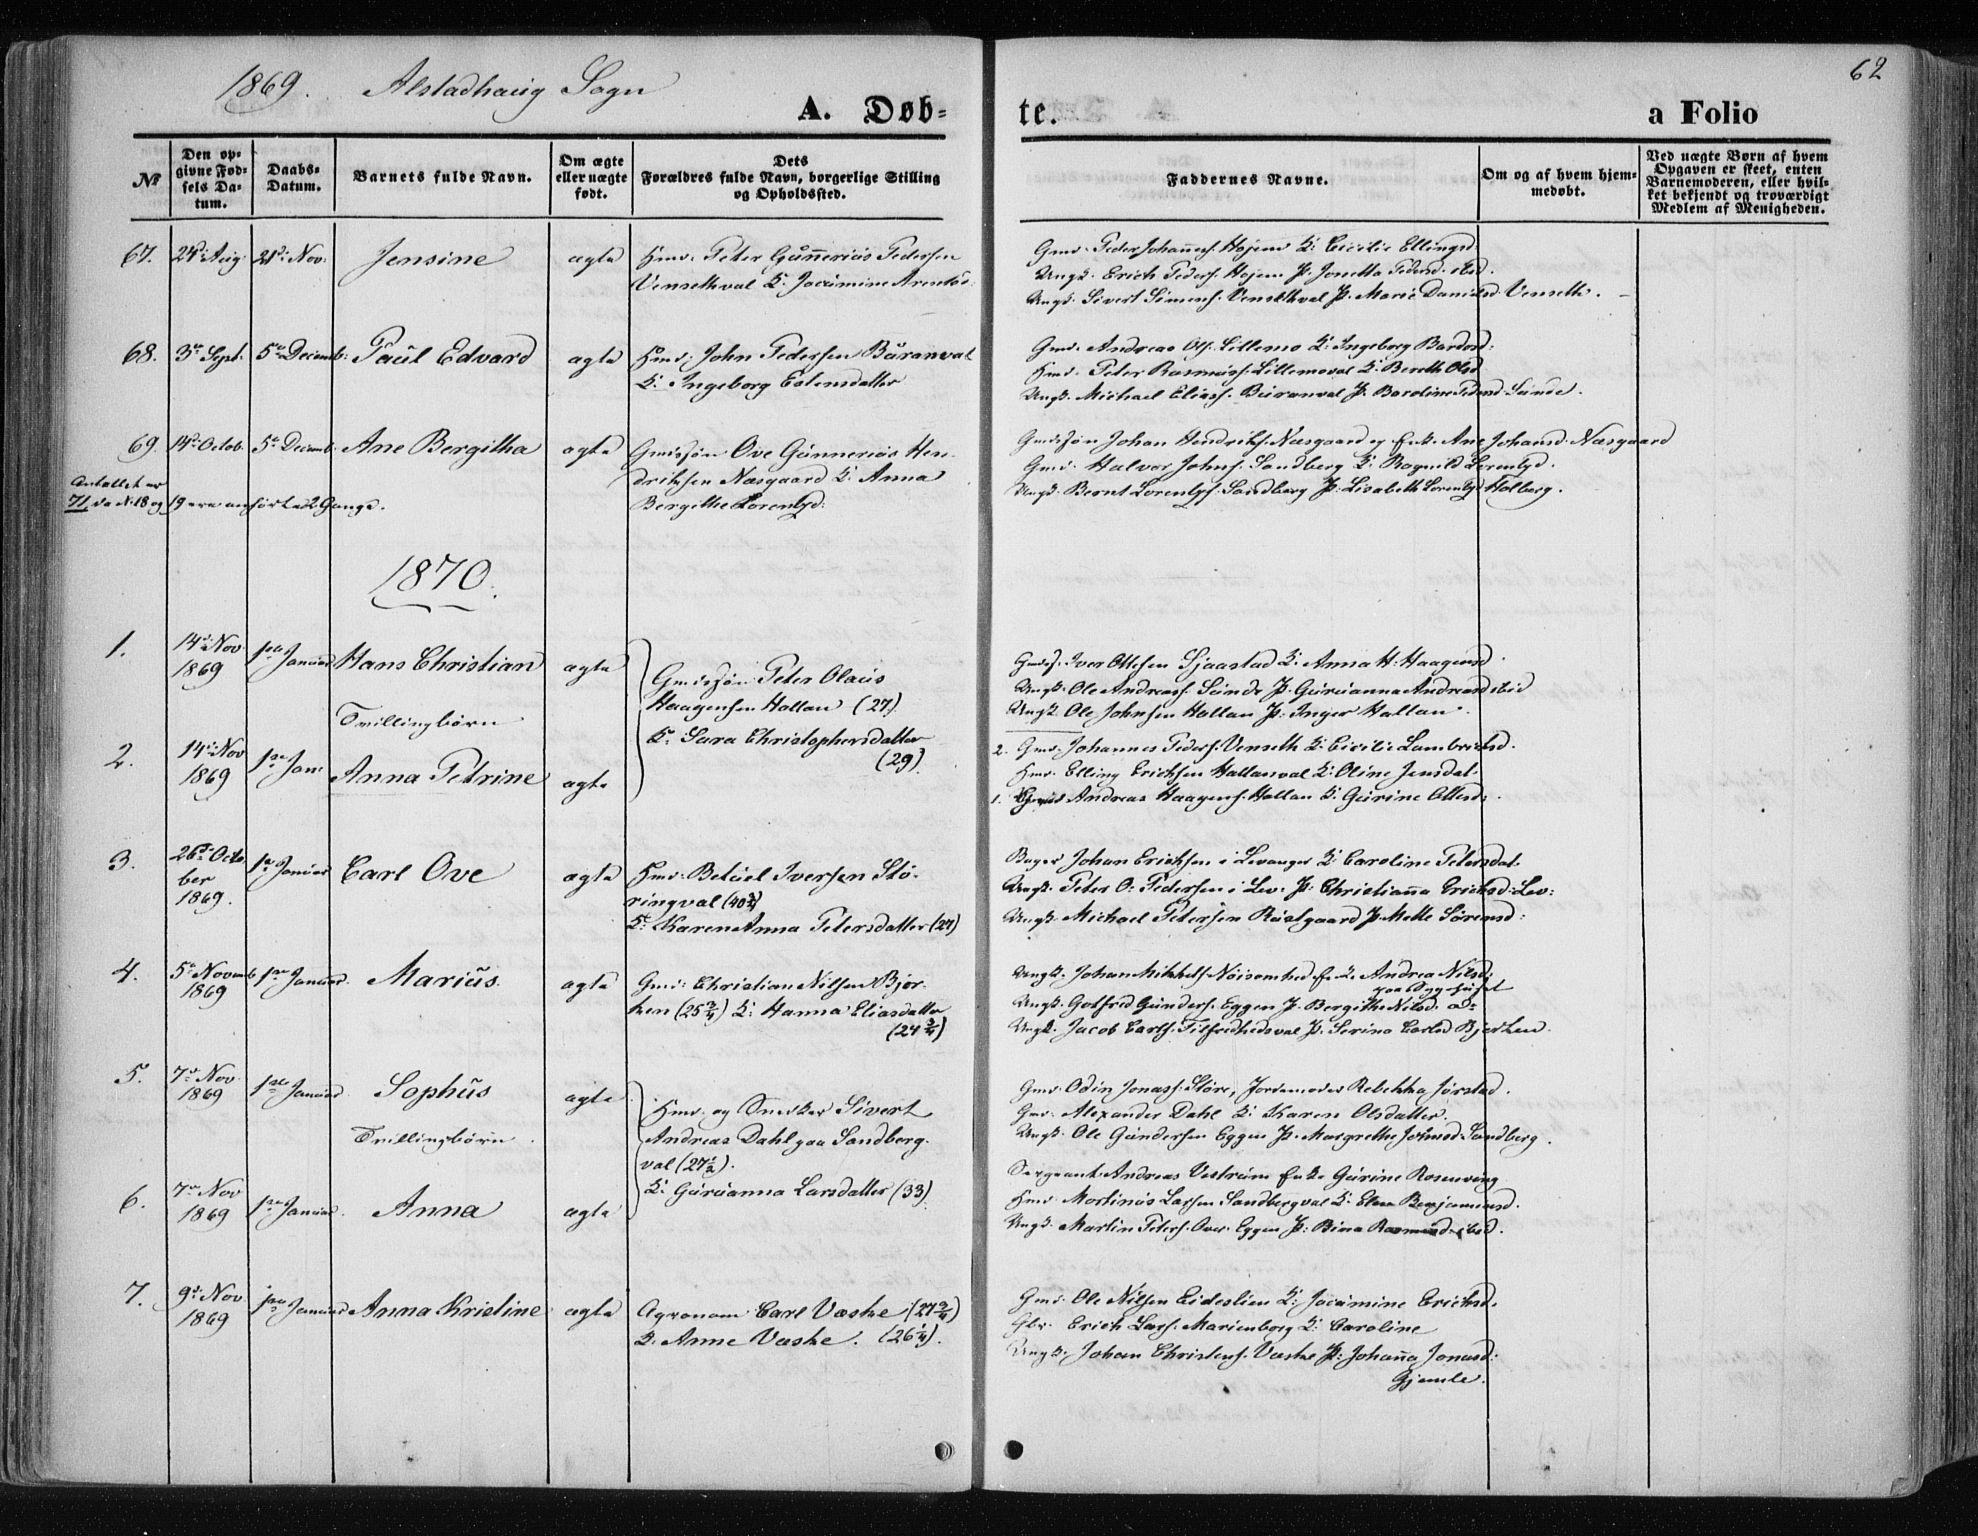 SAT, Ministerialprotokoller, klokkerbøker og fødselsregistre - Nord-Trøndelag, 717/L0157: Ministerialbok nr. 717A08 /1, 1863-1877, s. 62